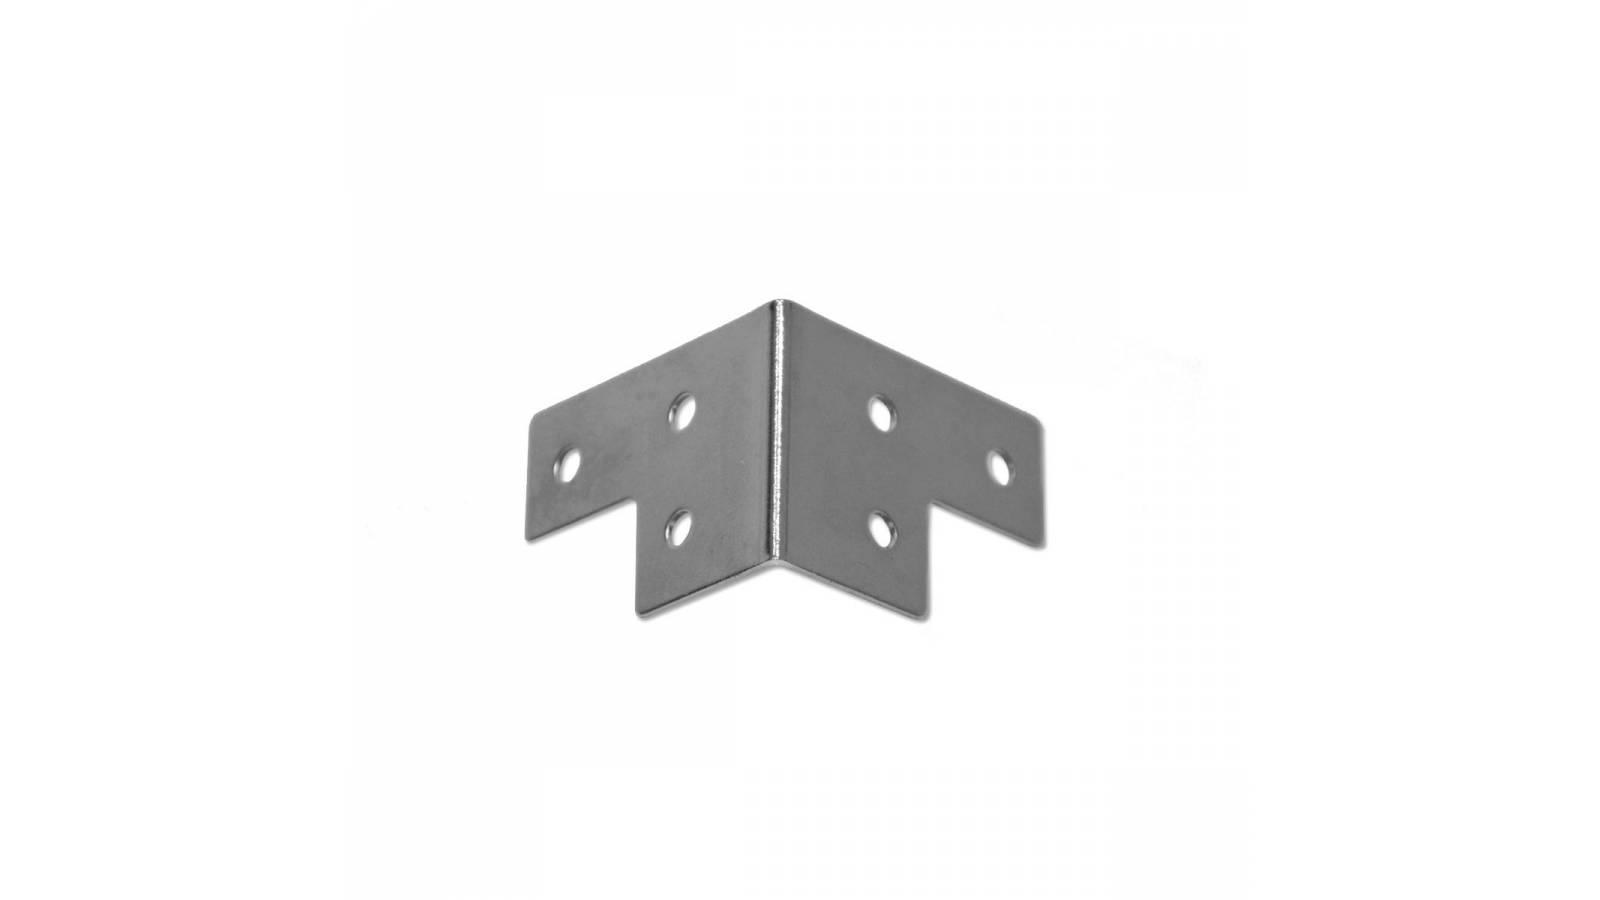 Ángulo Escuadra Esquinero para Rack Anvil 100% Metal Calidad A